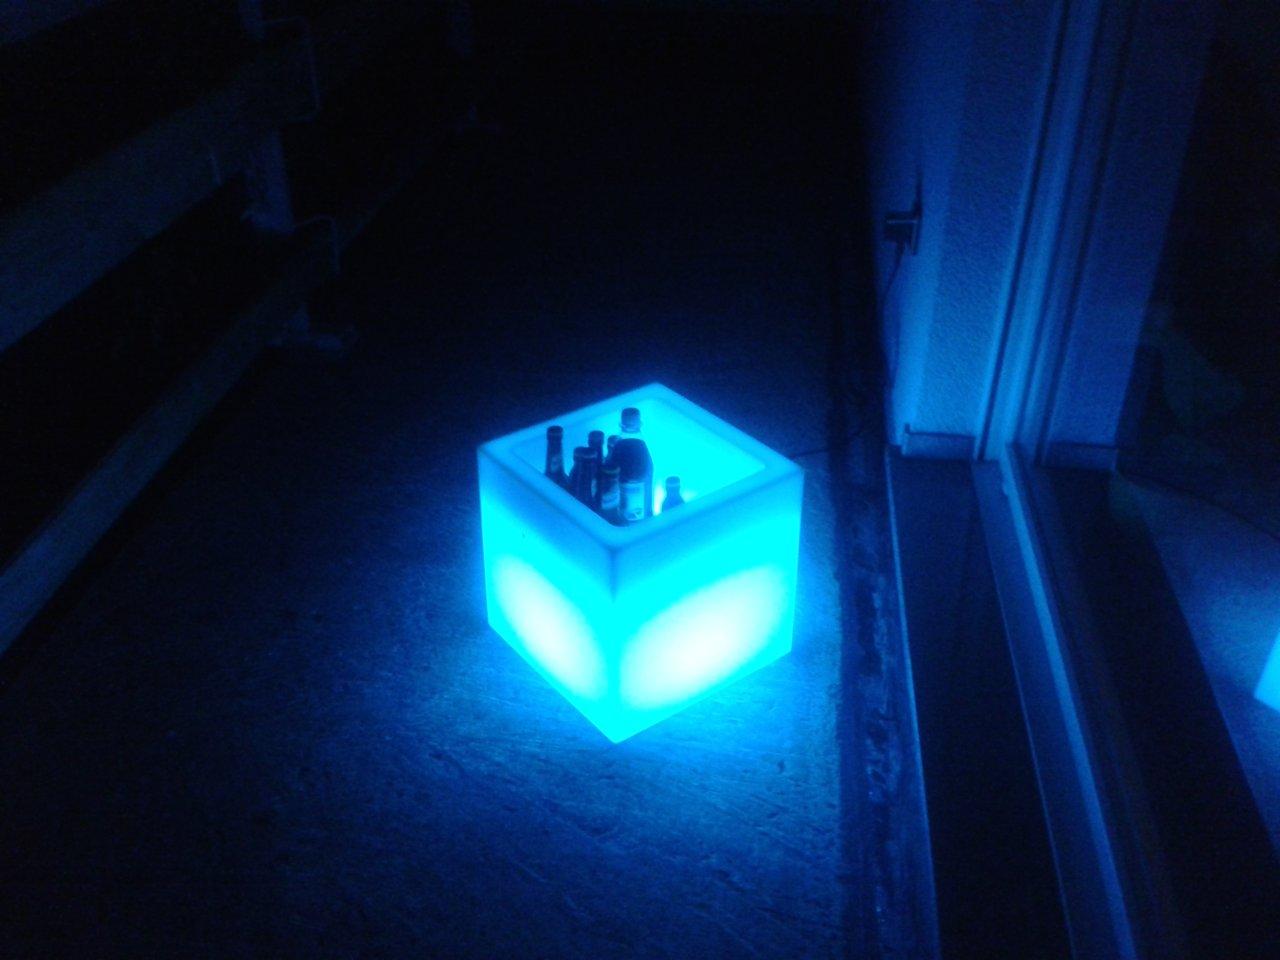 rgb led deko motivleuchten ip 44 die welt der technik. Black Bedroom Furniture Sets. Home Design Ideas